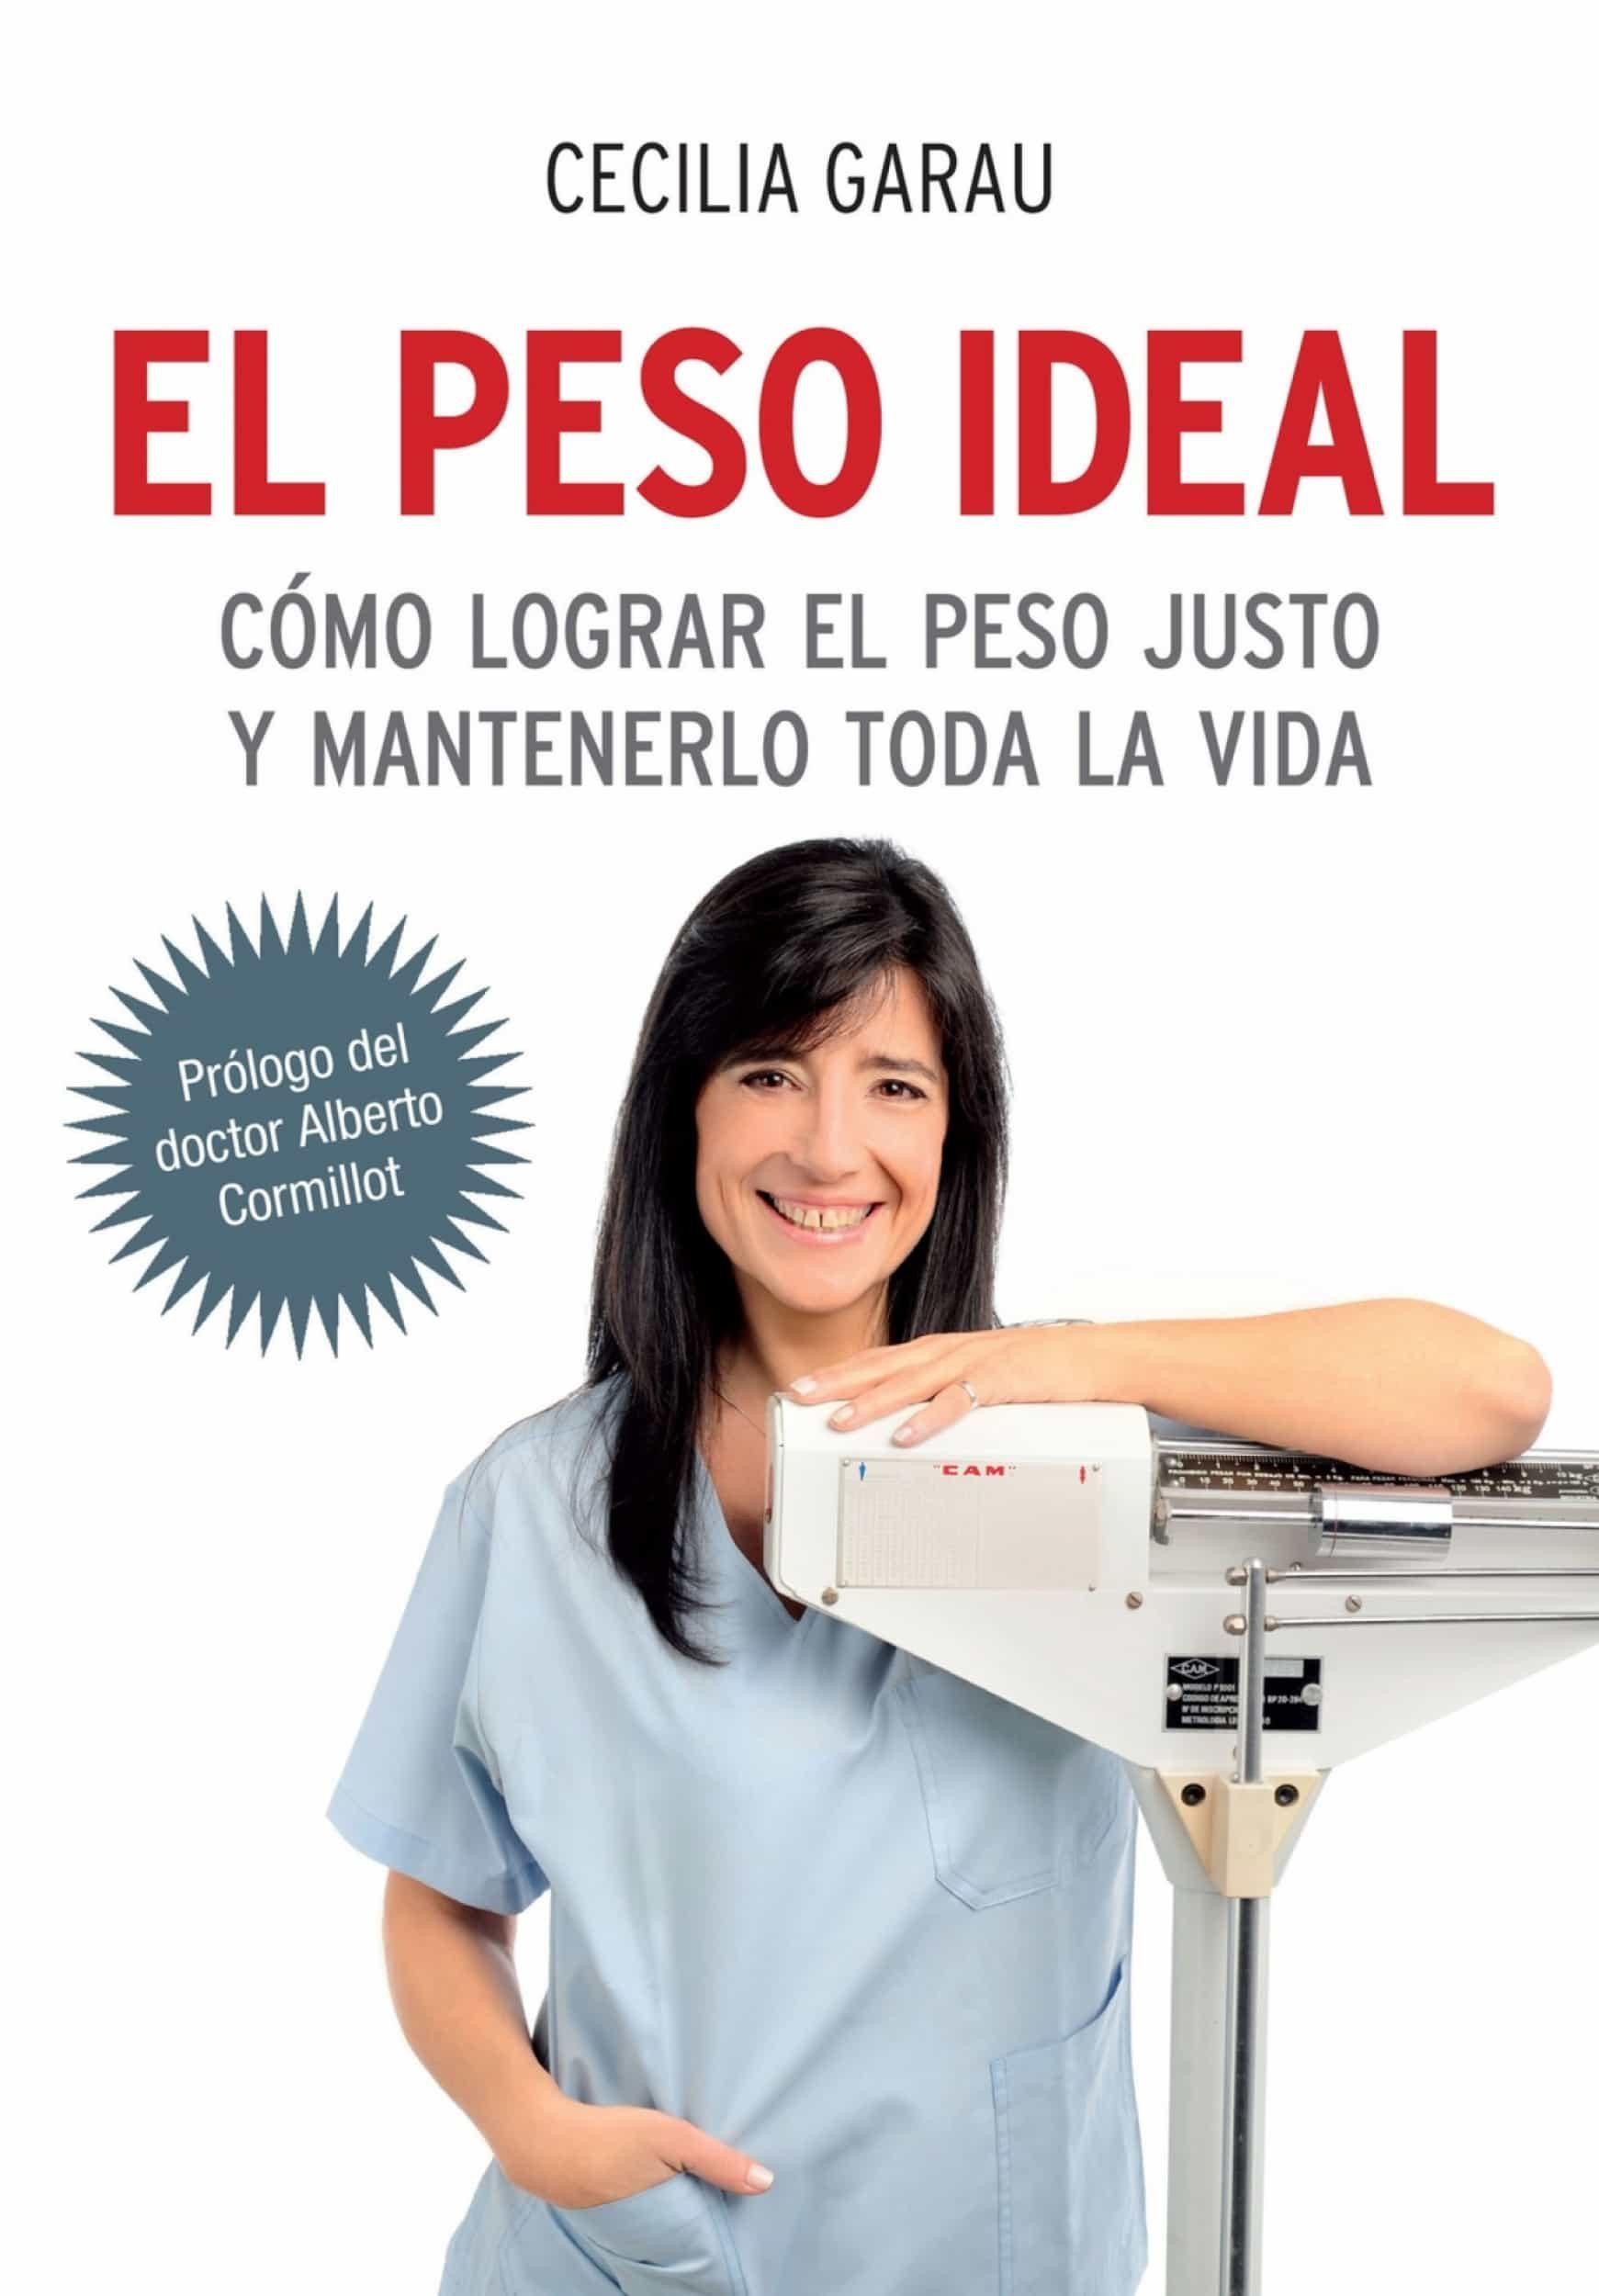 EL PESO IDEAL EBOOK   CECILIA GARAU   Descargar libro PDF o EPUB ...